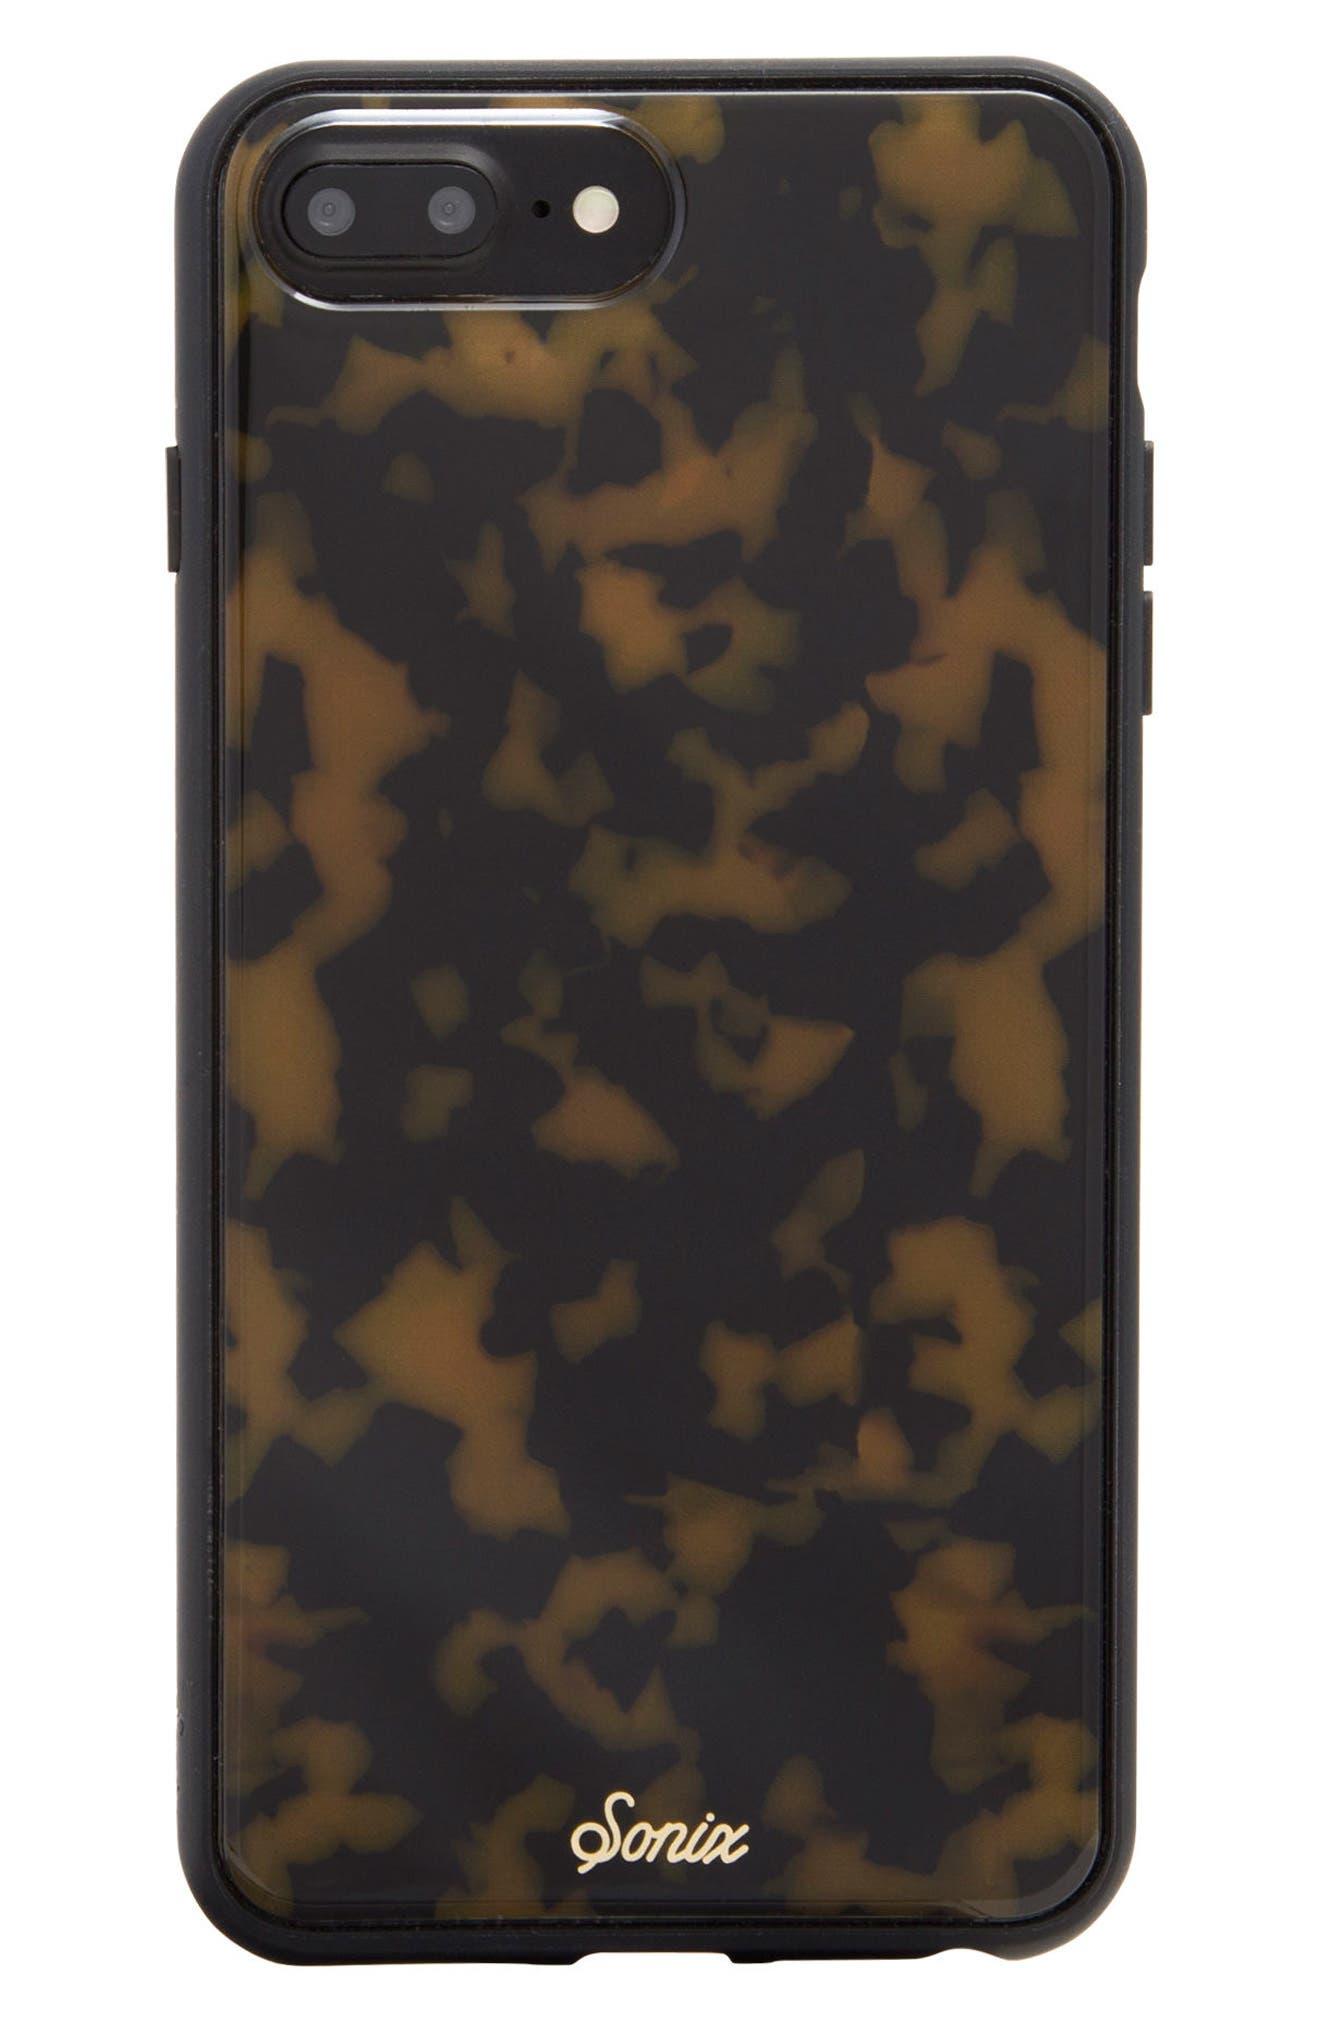 iphone 8 cell phone casessonix tortoise iphone 6 6s 7 8 \u0026 6 6s 7 8 plus case